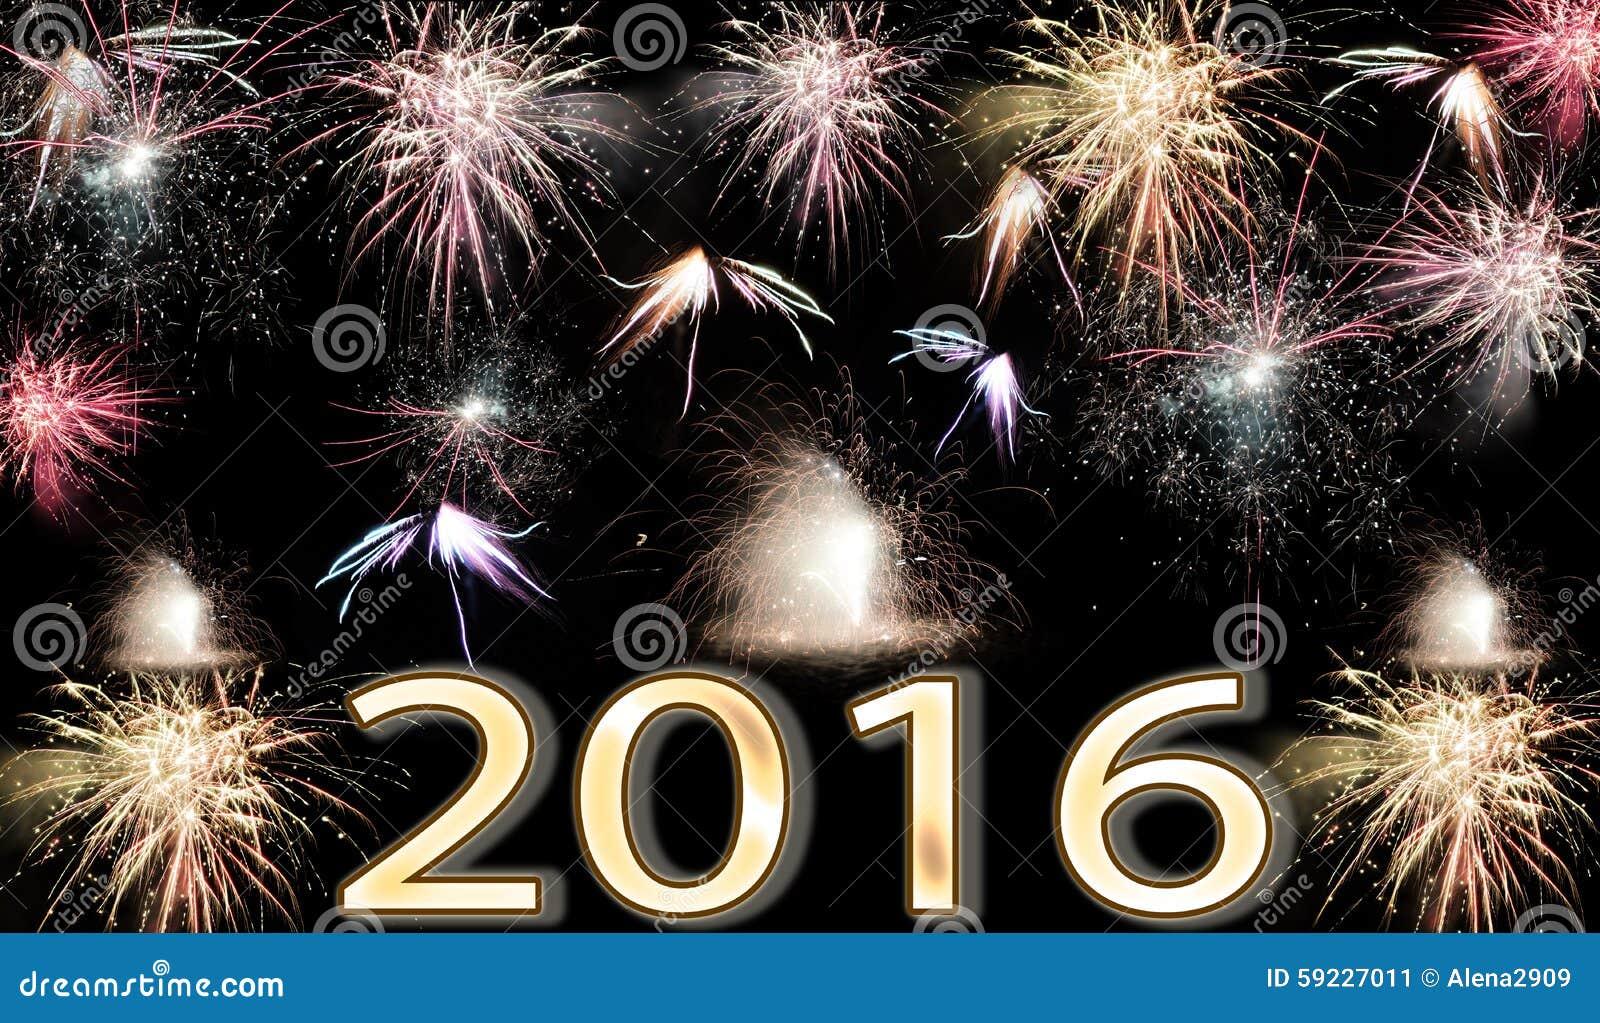 Download Fuegos Artificiales De La Feliz Año Nuevo 2016 Imagen de archivo - Imagen de víspera, fantástico: 59227011